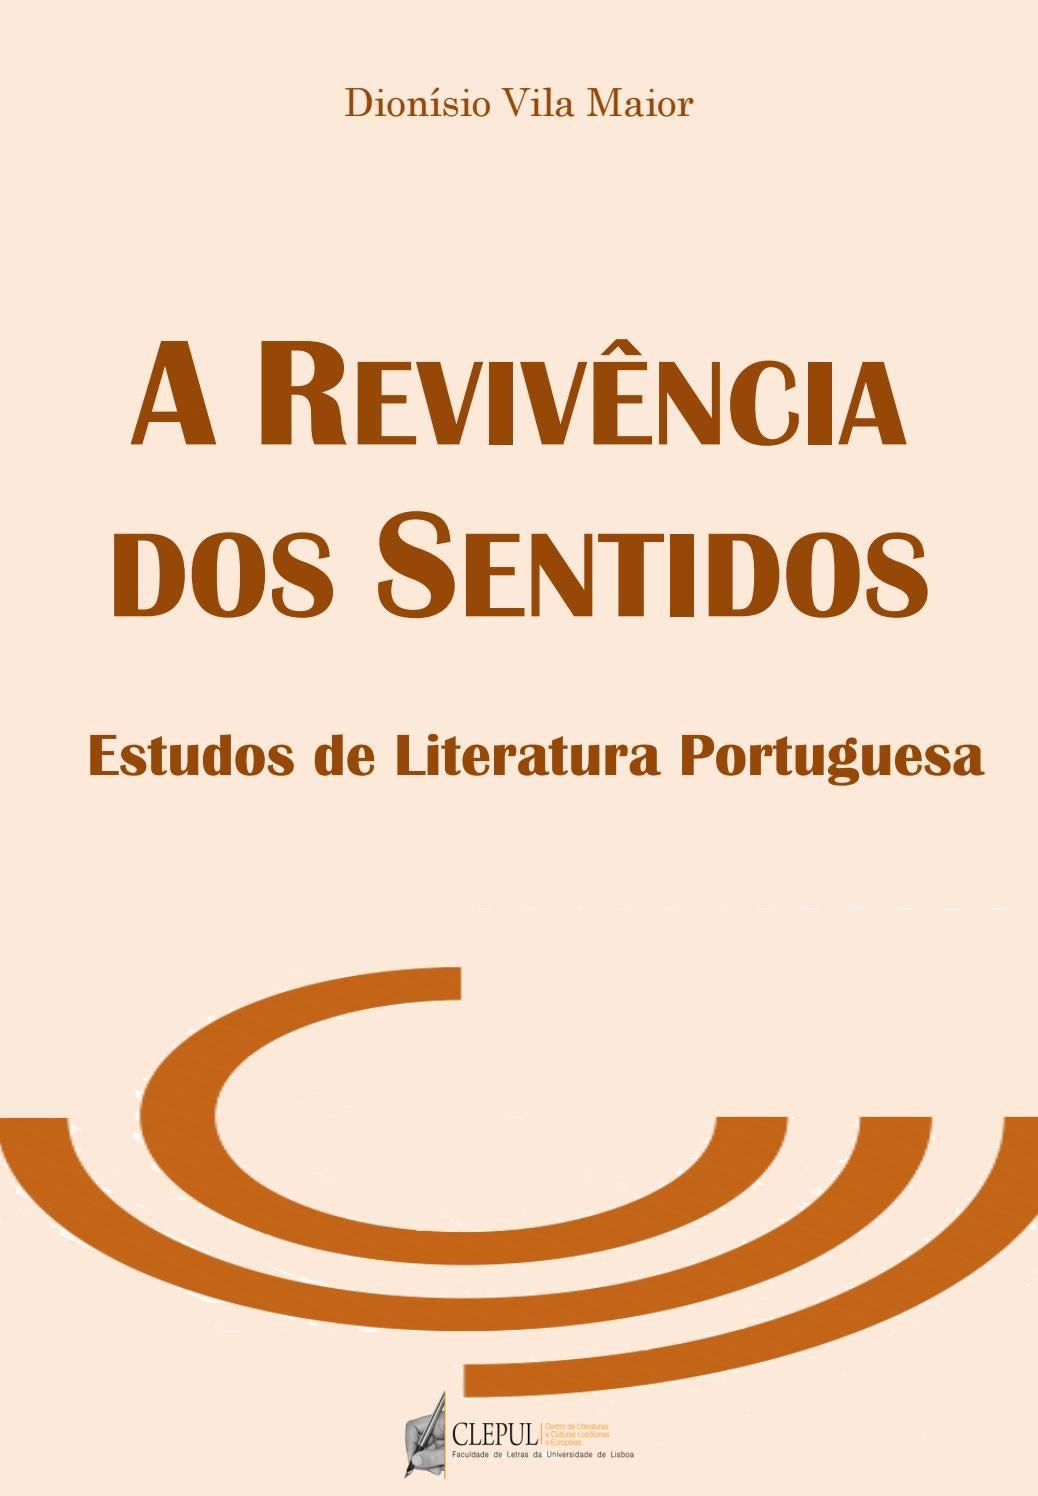 Tir Encontro Às Cegas Série De Quatro Ponta Delgada-8545